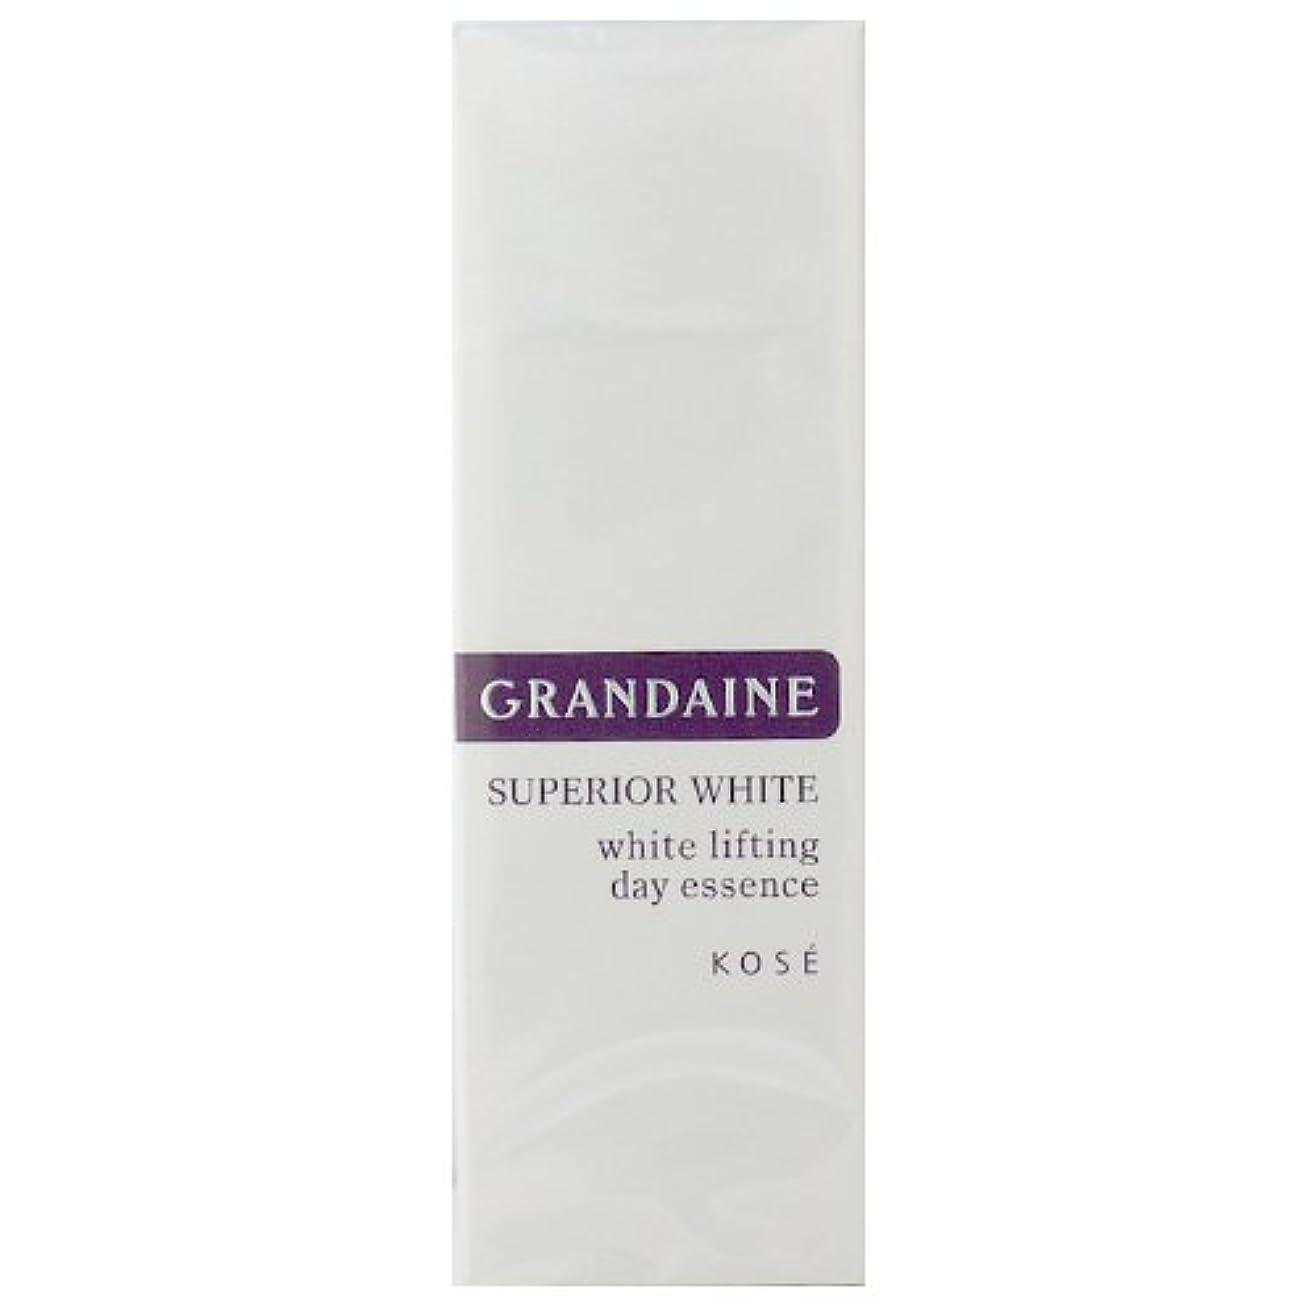 ペルソナ立証する応じるコーセー グランデーヌ スーペリア ホワイト ホワイトリフティング デイエッセンス SPF30 PA++ 30g